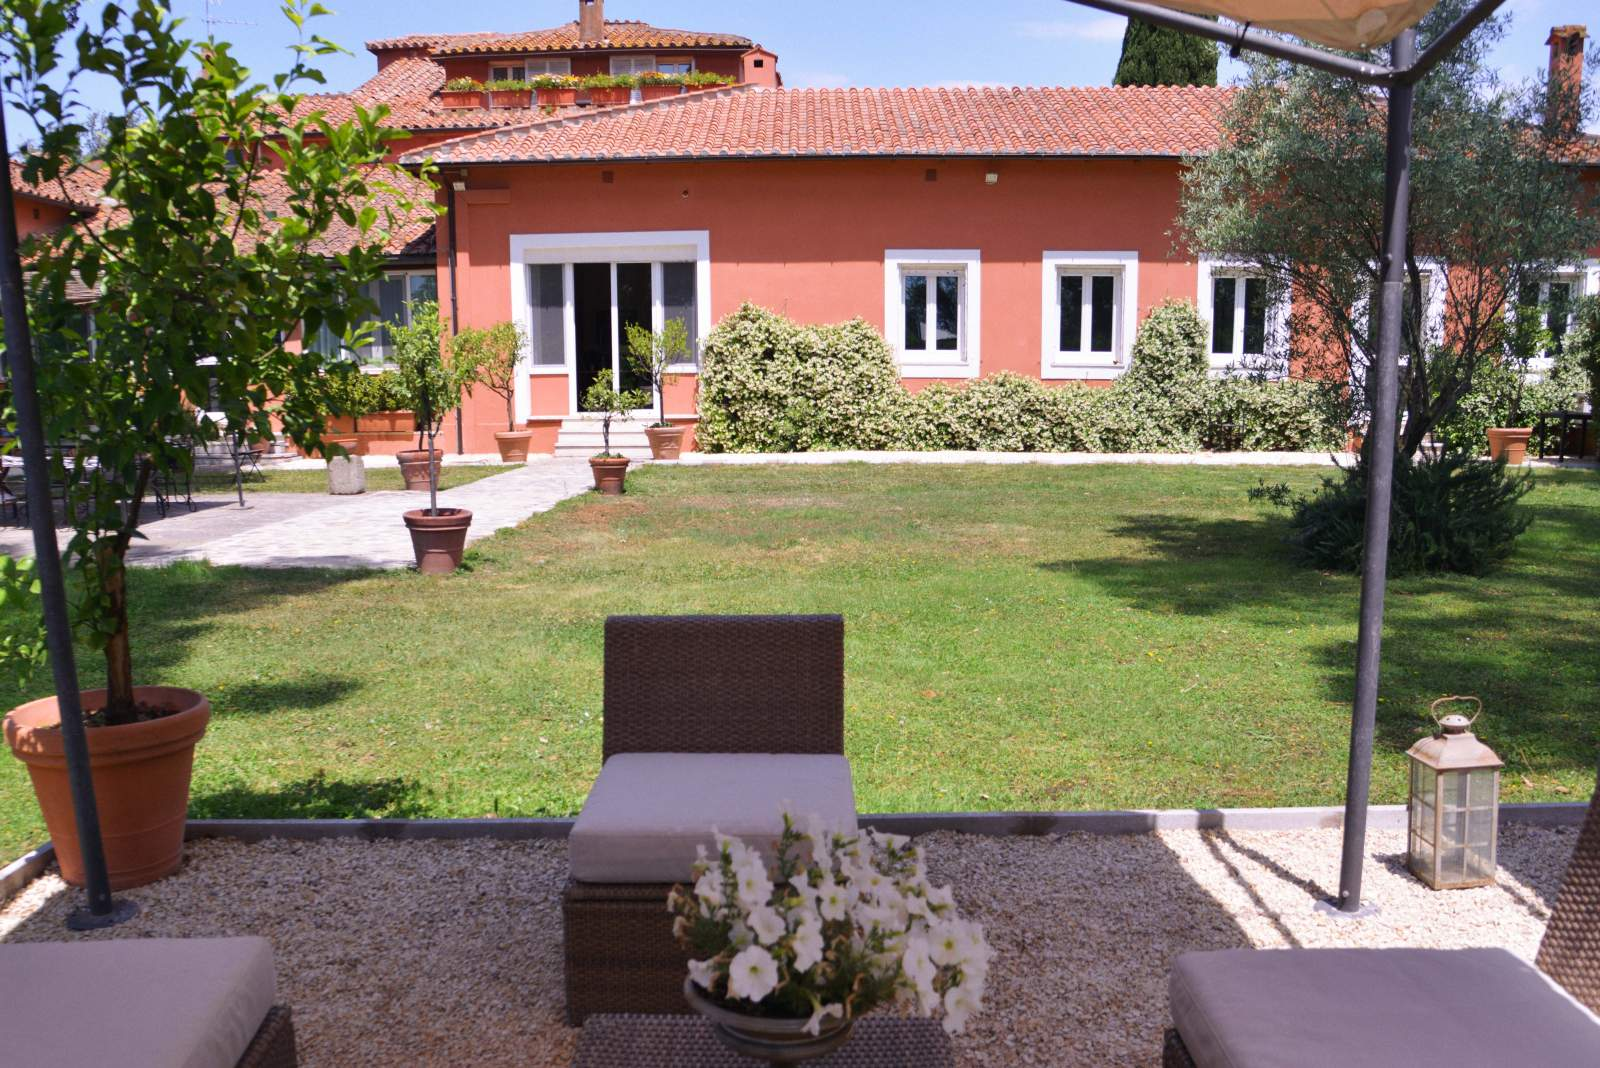 riunioni in giardino uffici roma